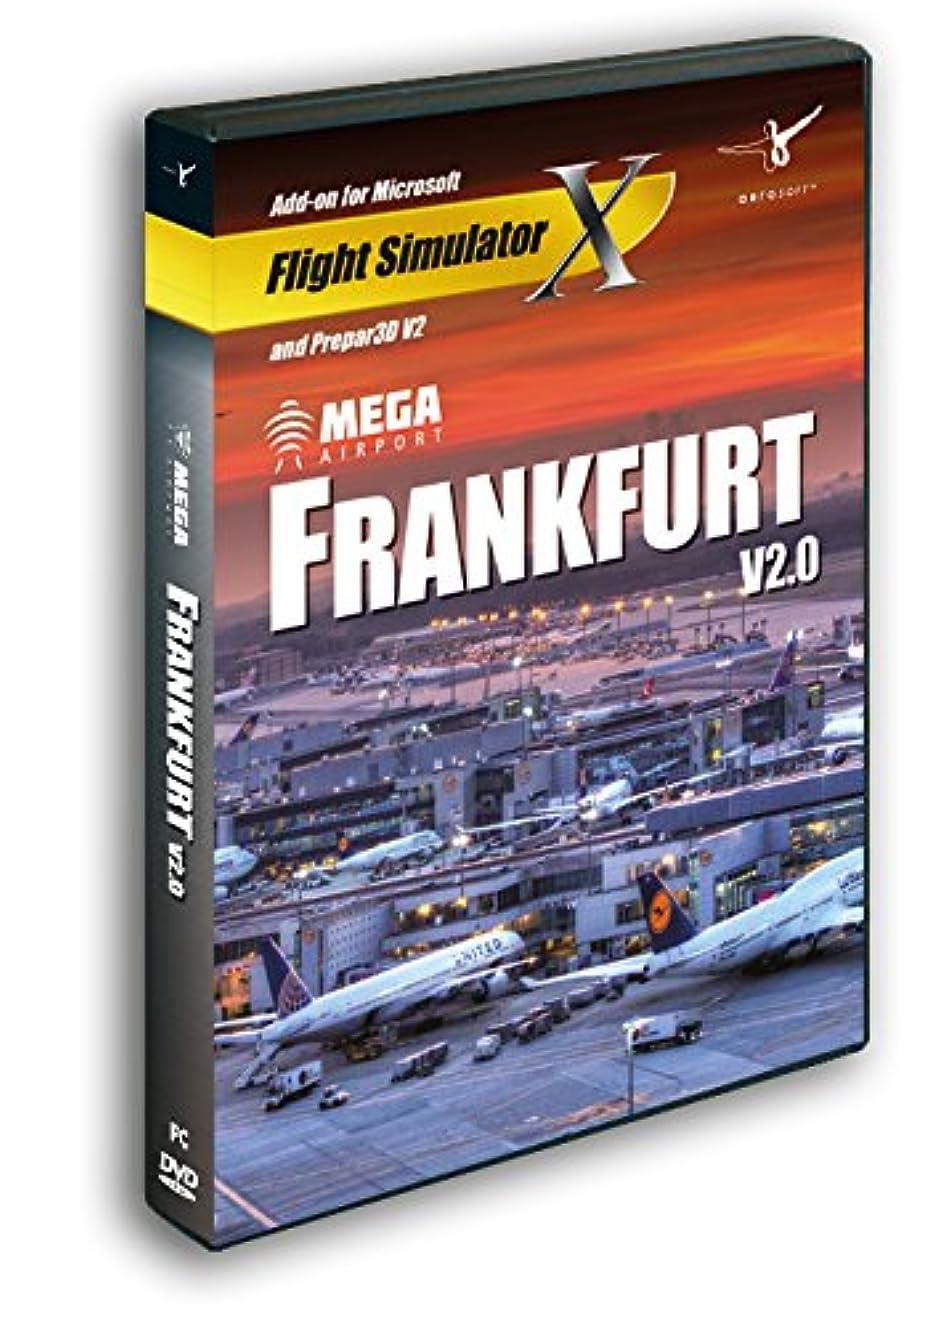 悩み聖域初心者Mega Airport Frankfurt V2.0 (FSX+FSX:SE+P3D)(輸入版)